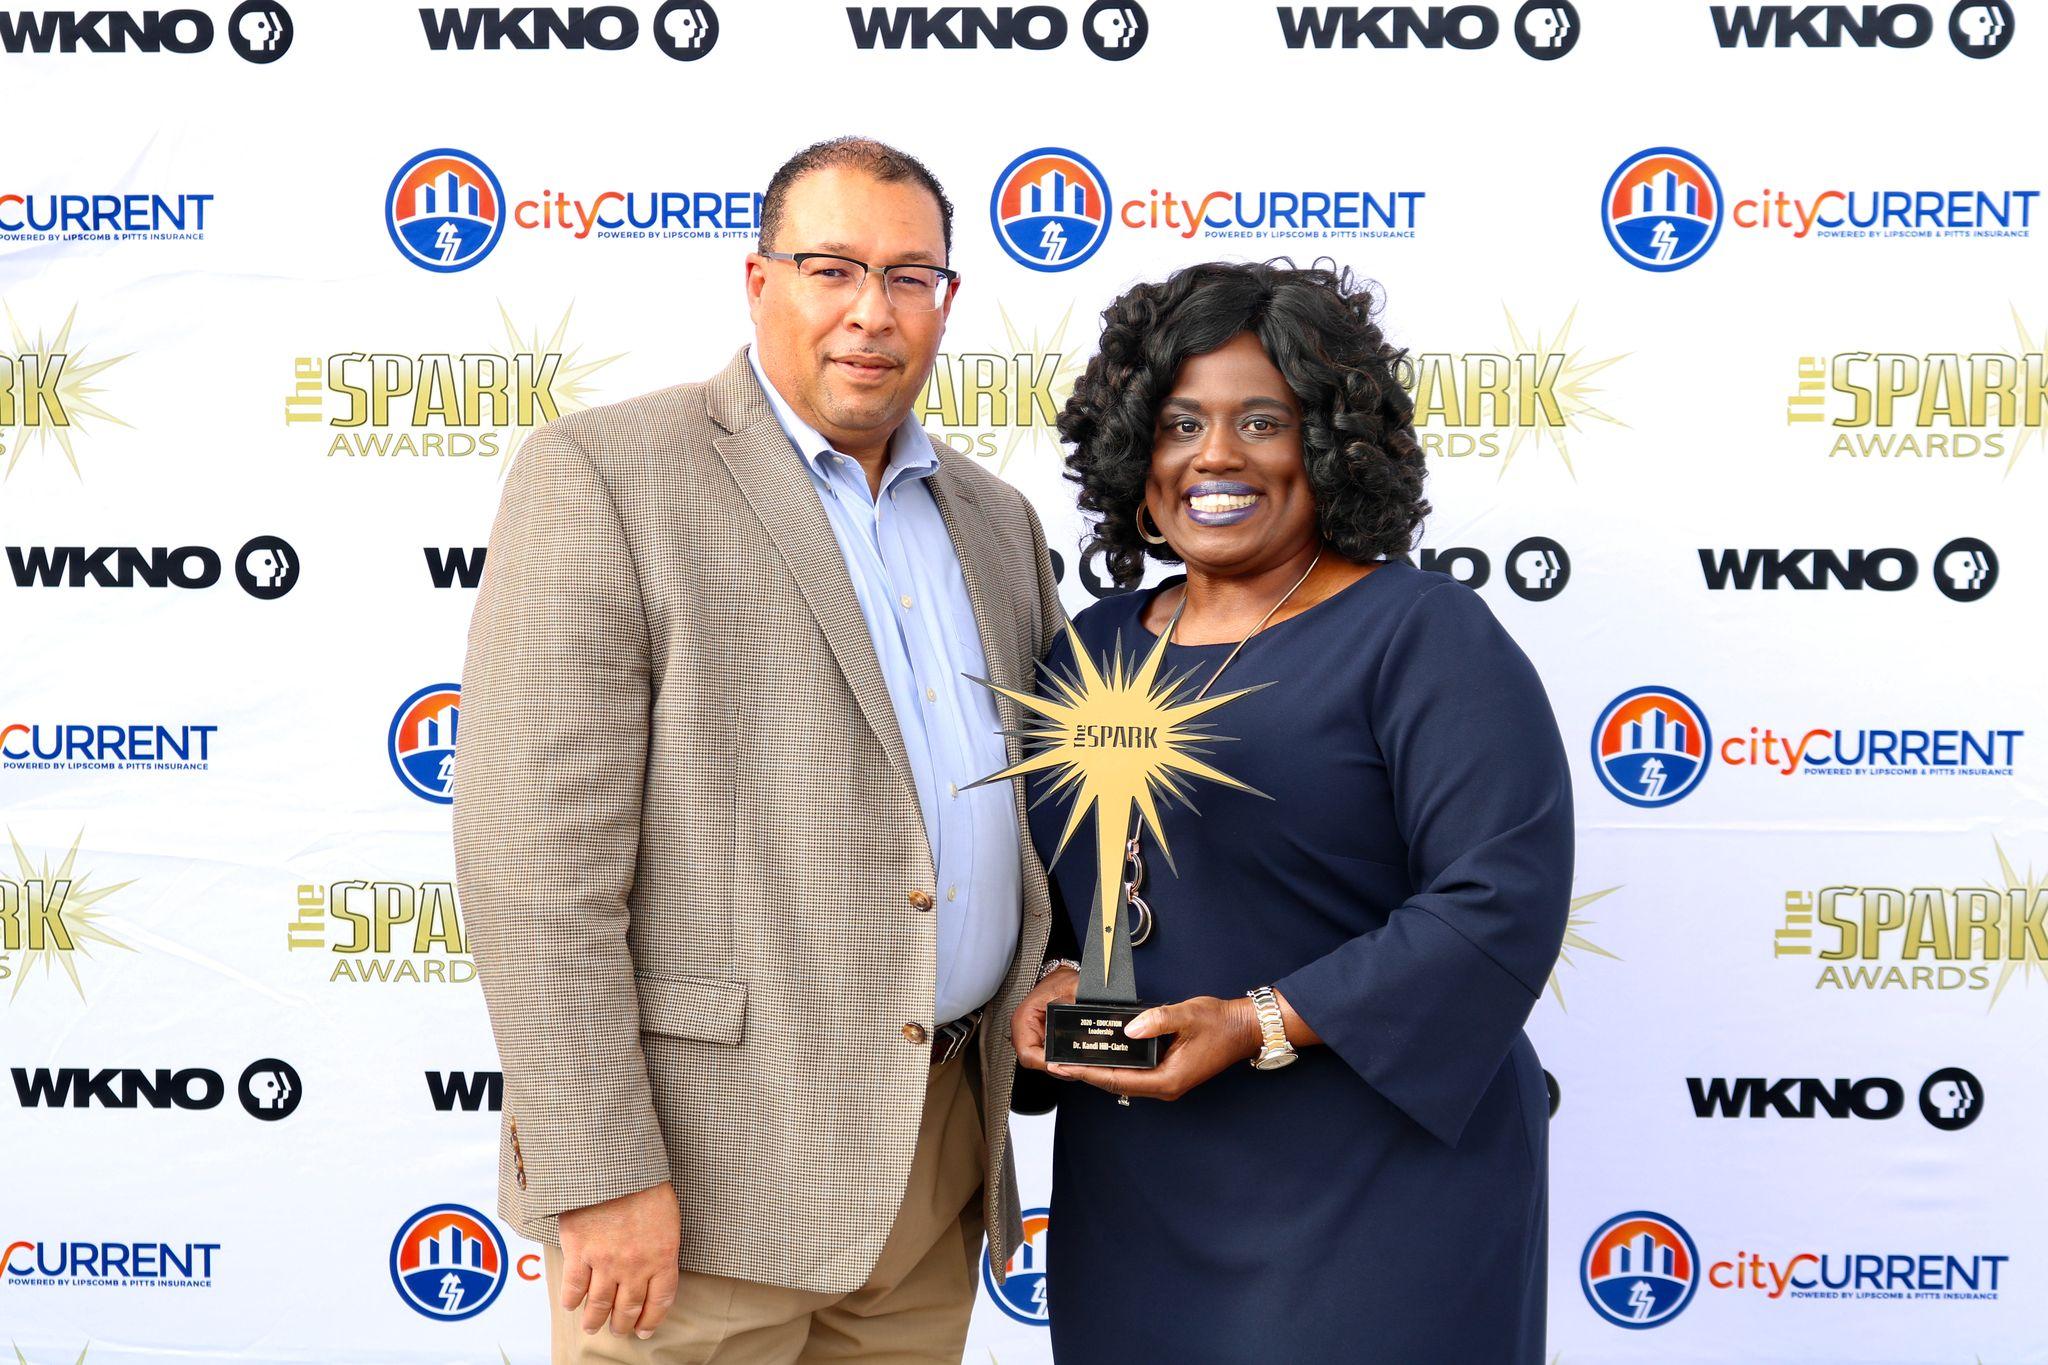 Dean Hill-Clarke and Spark award